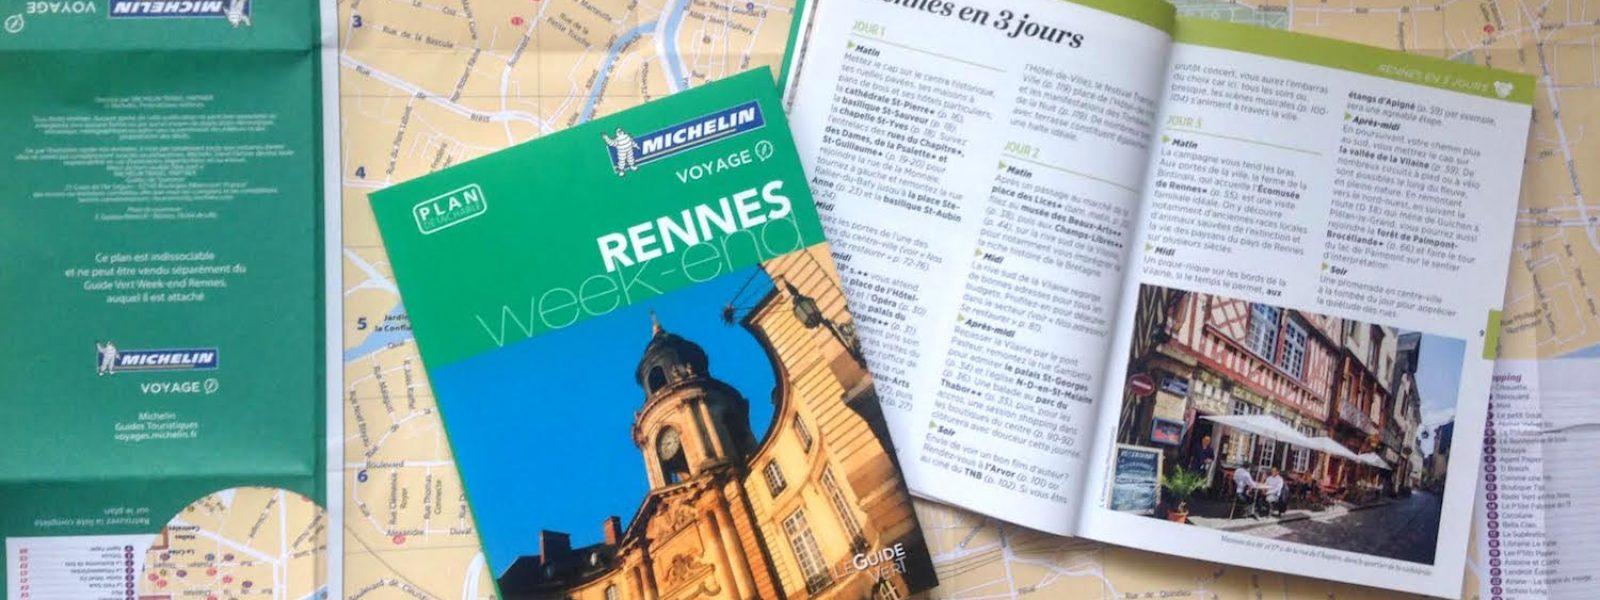 Rennes intègre la collection des guides verts Week-end Michelin